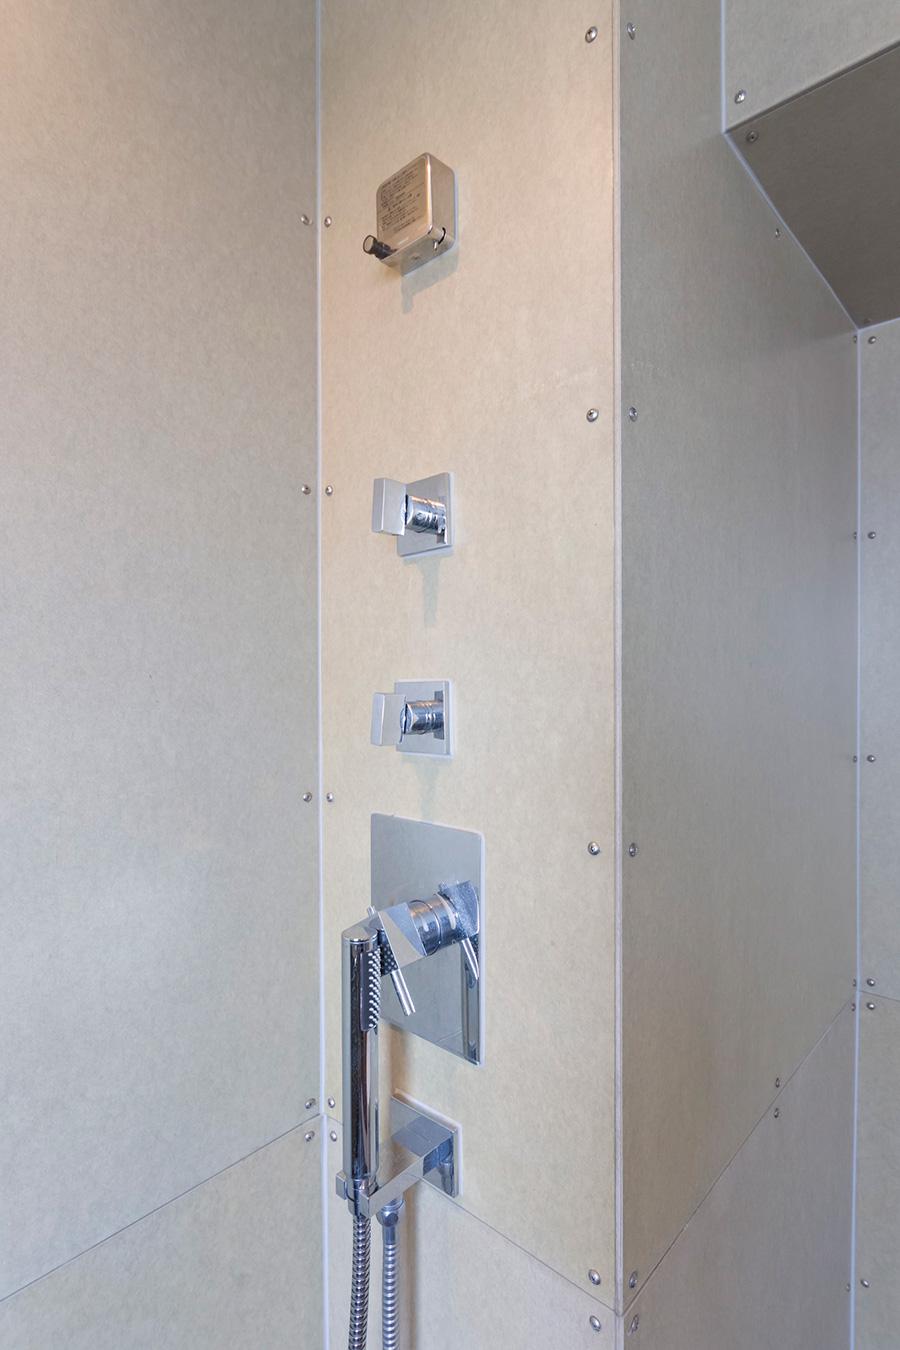 バスルームの壁は外壁材として使われることが多いフレキシブルボードを使っている。